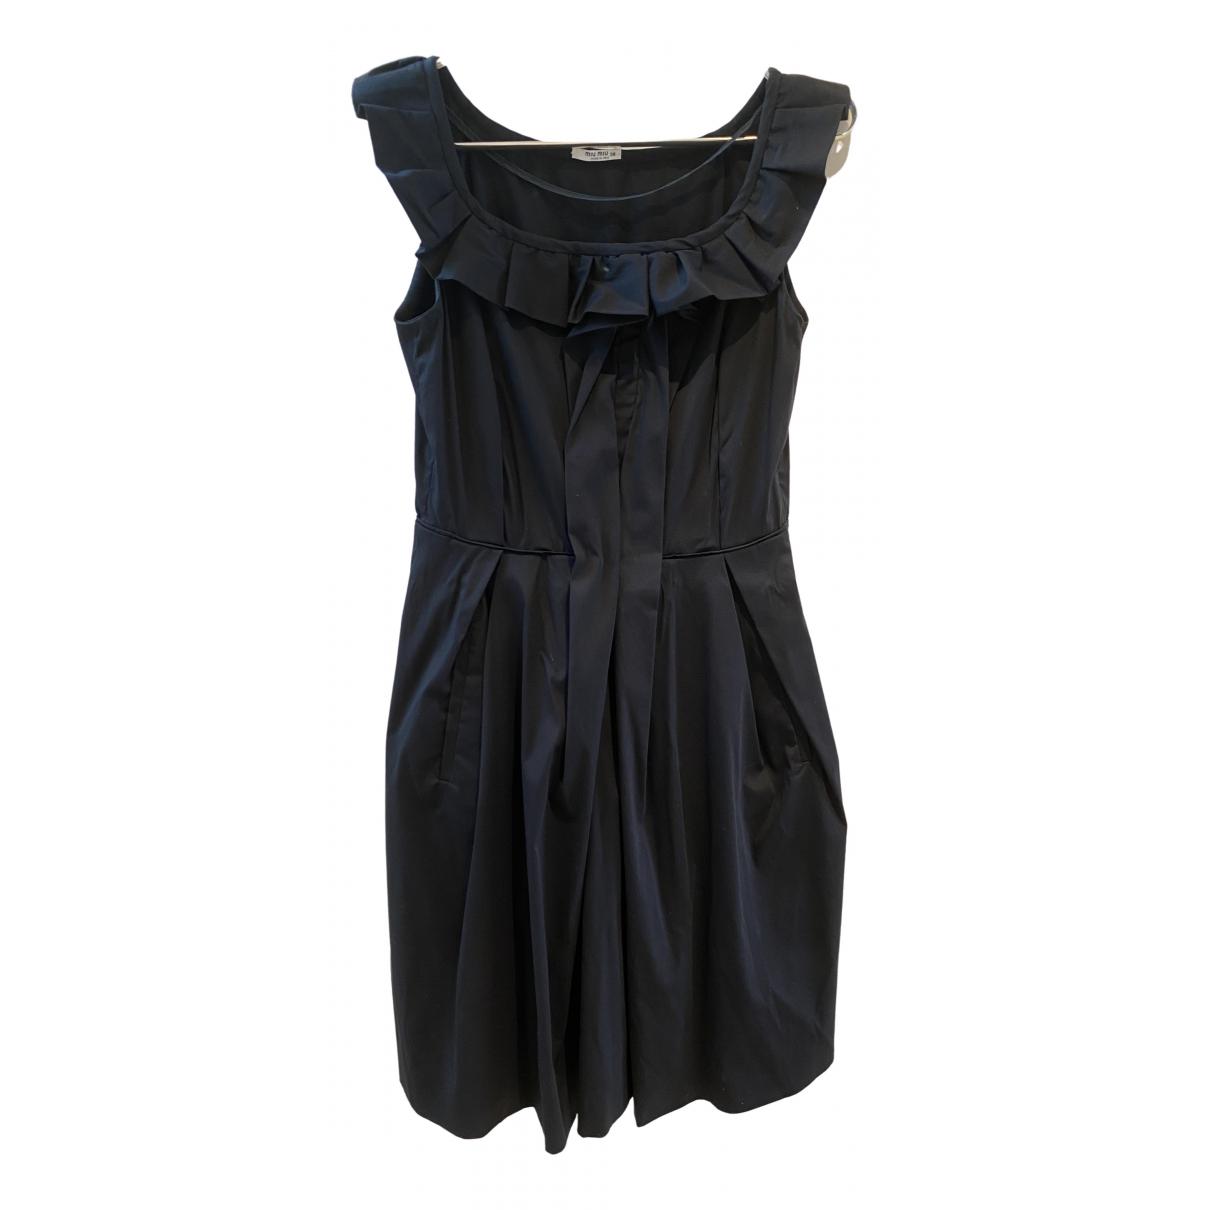 Miu Miu \N Kleid in  Schwarz Baumwolle - Elasthan